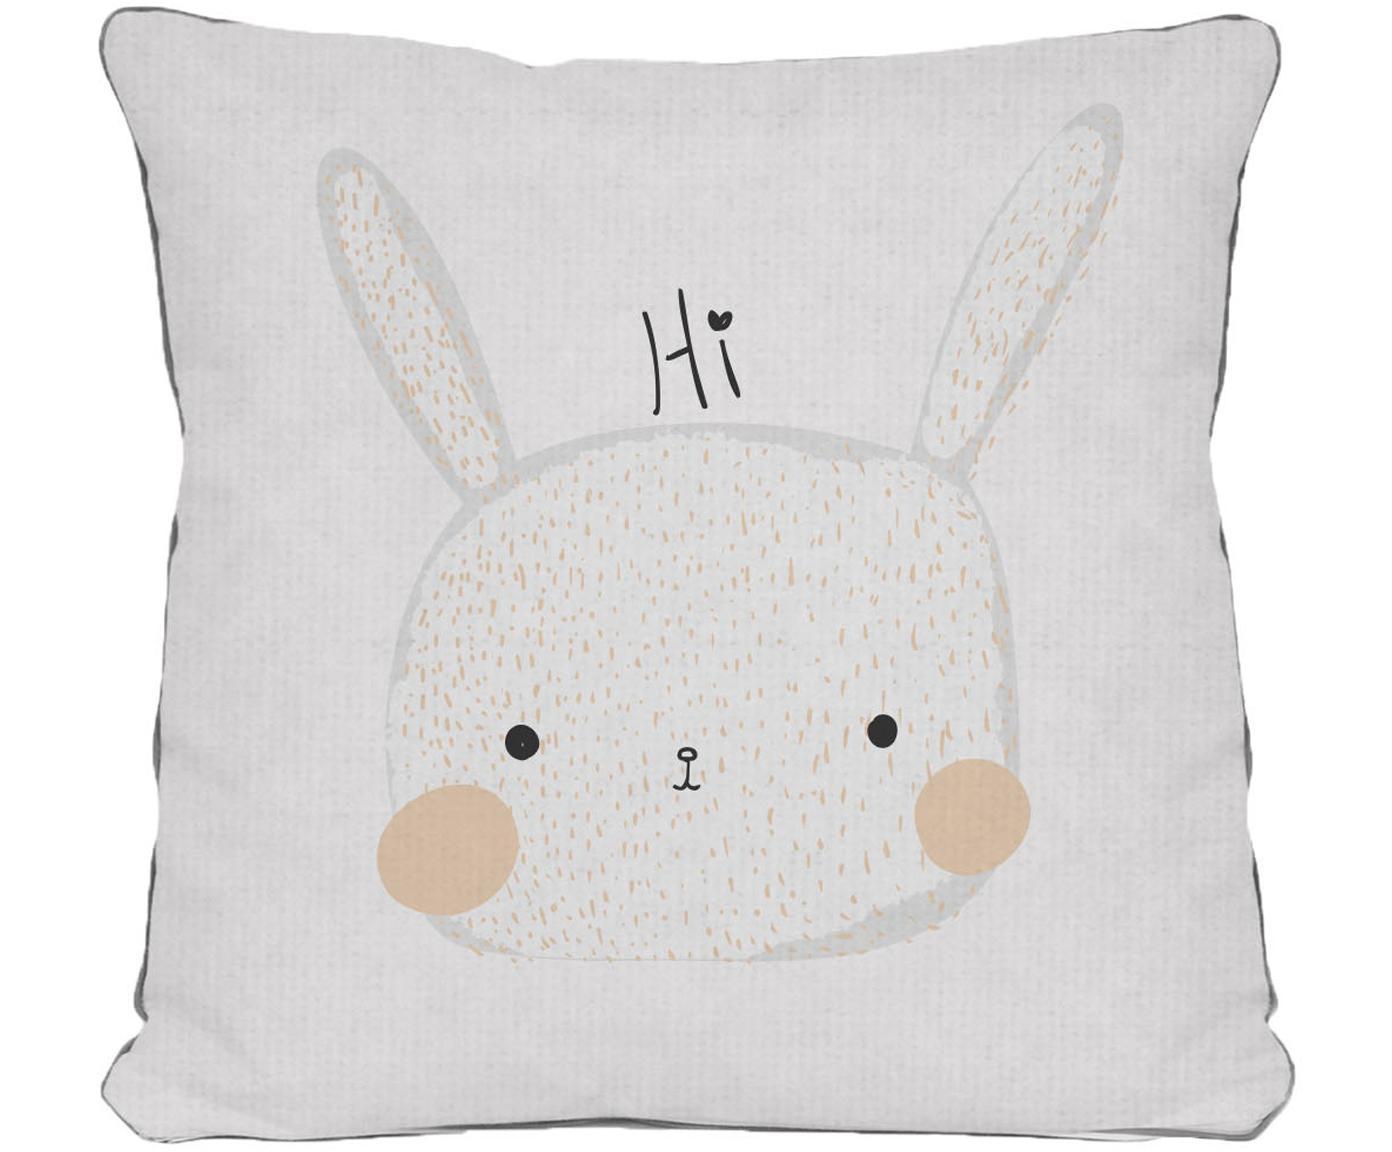 Kissenhülle Rabbit, Polyester, Weiss, Beige, Grau, Schwarz, 45 x 45 cm